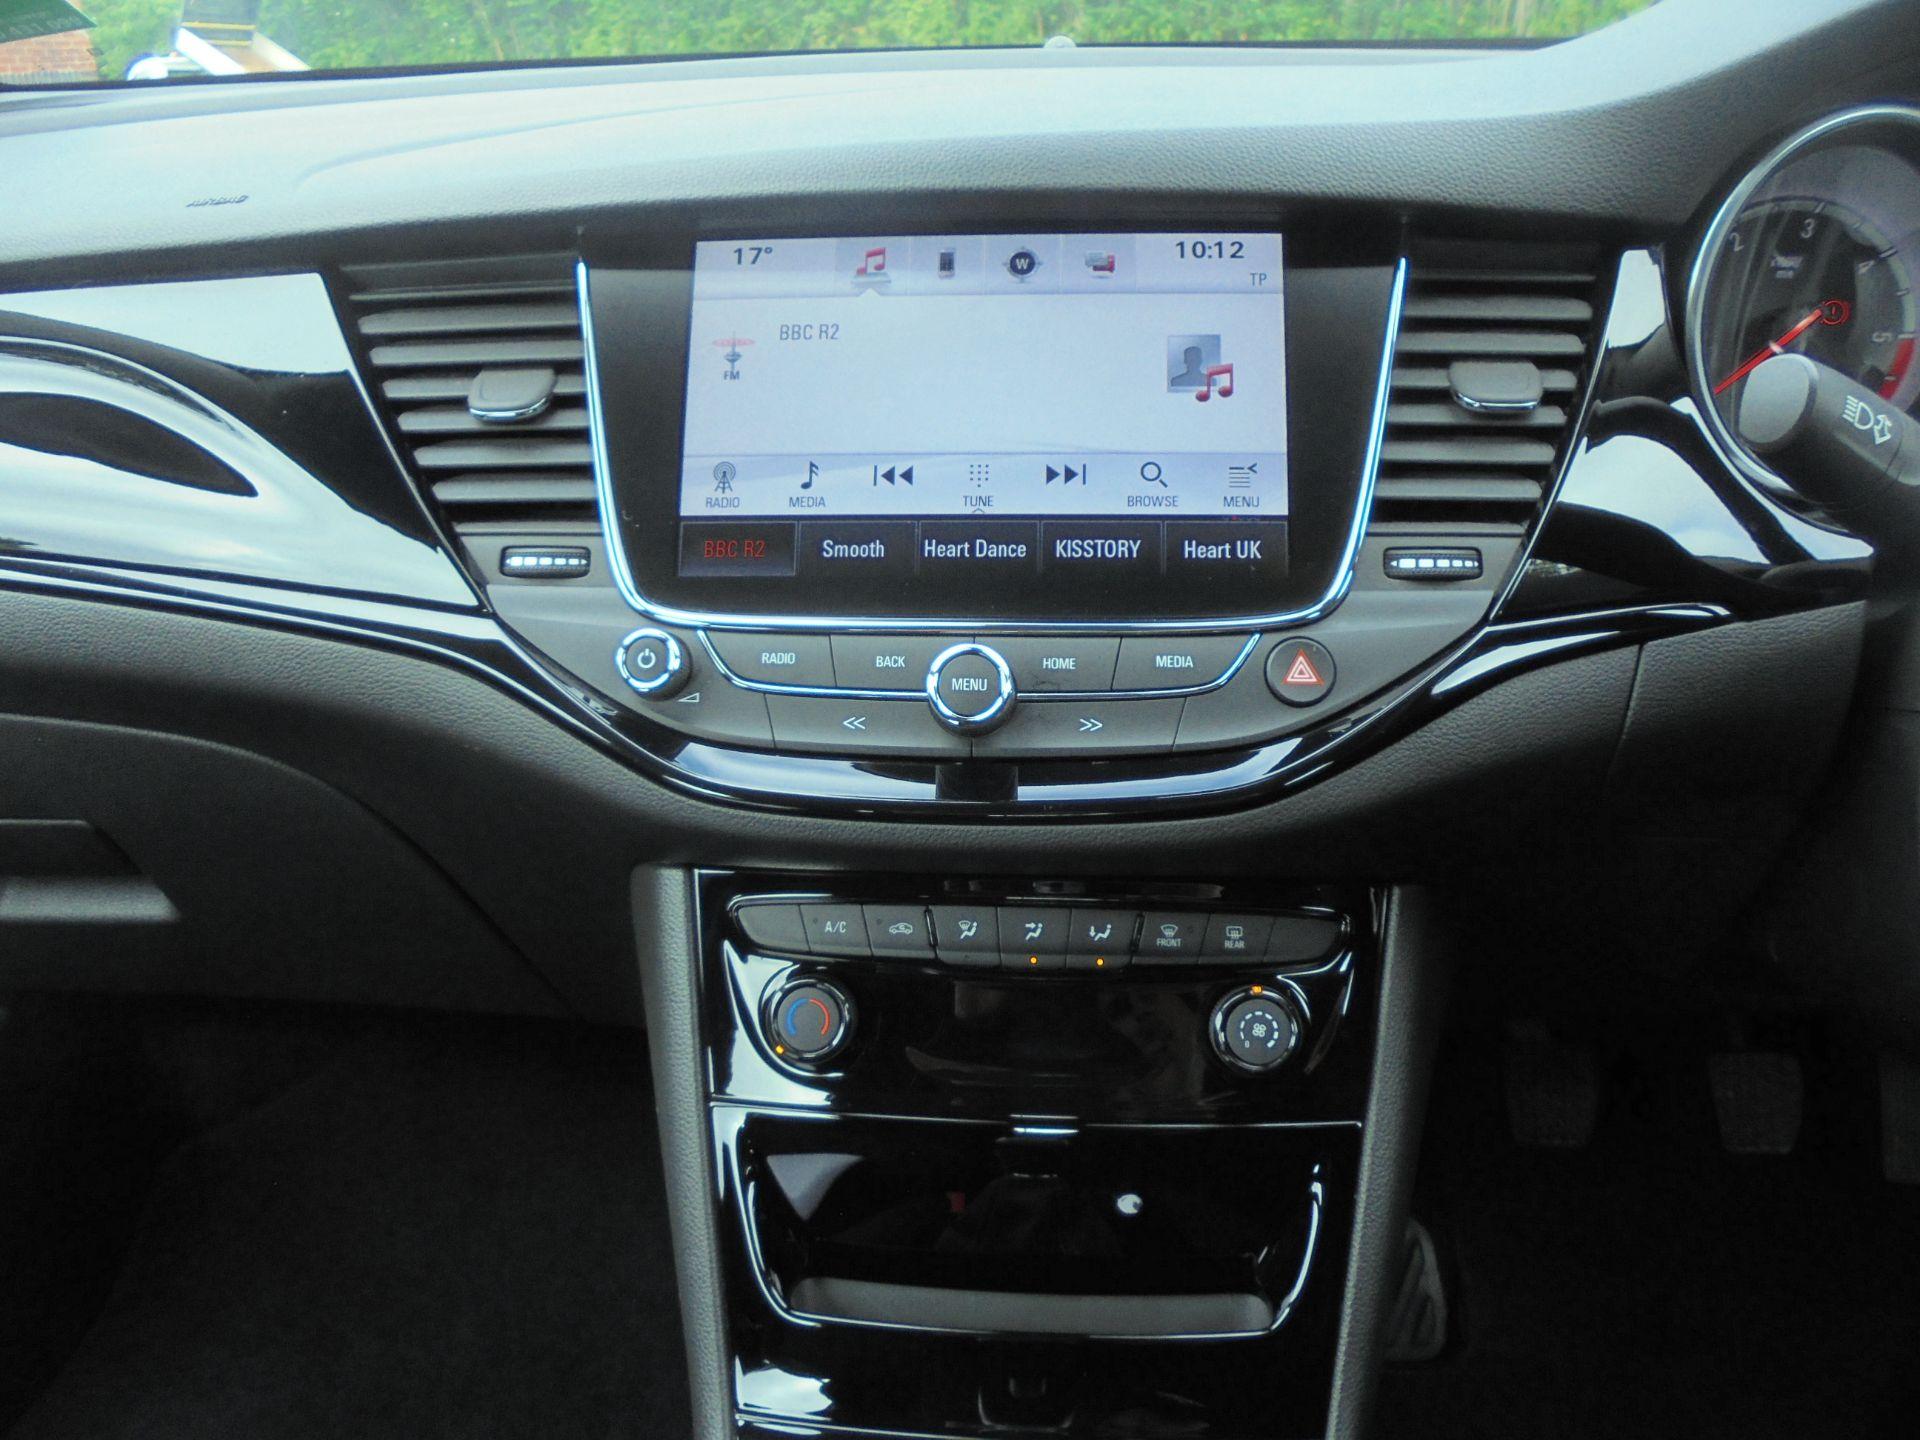 2018 Vauxhall Astra 1.6 Cdti 16V Ecoflex Sri Nav 5Dr (VE18TXA) Image 14